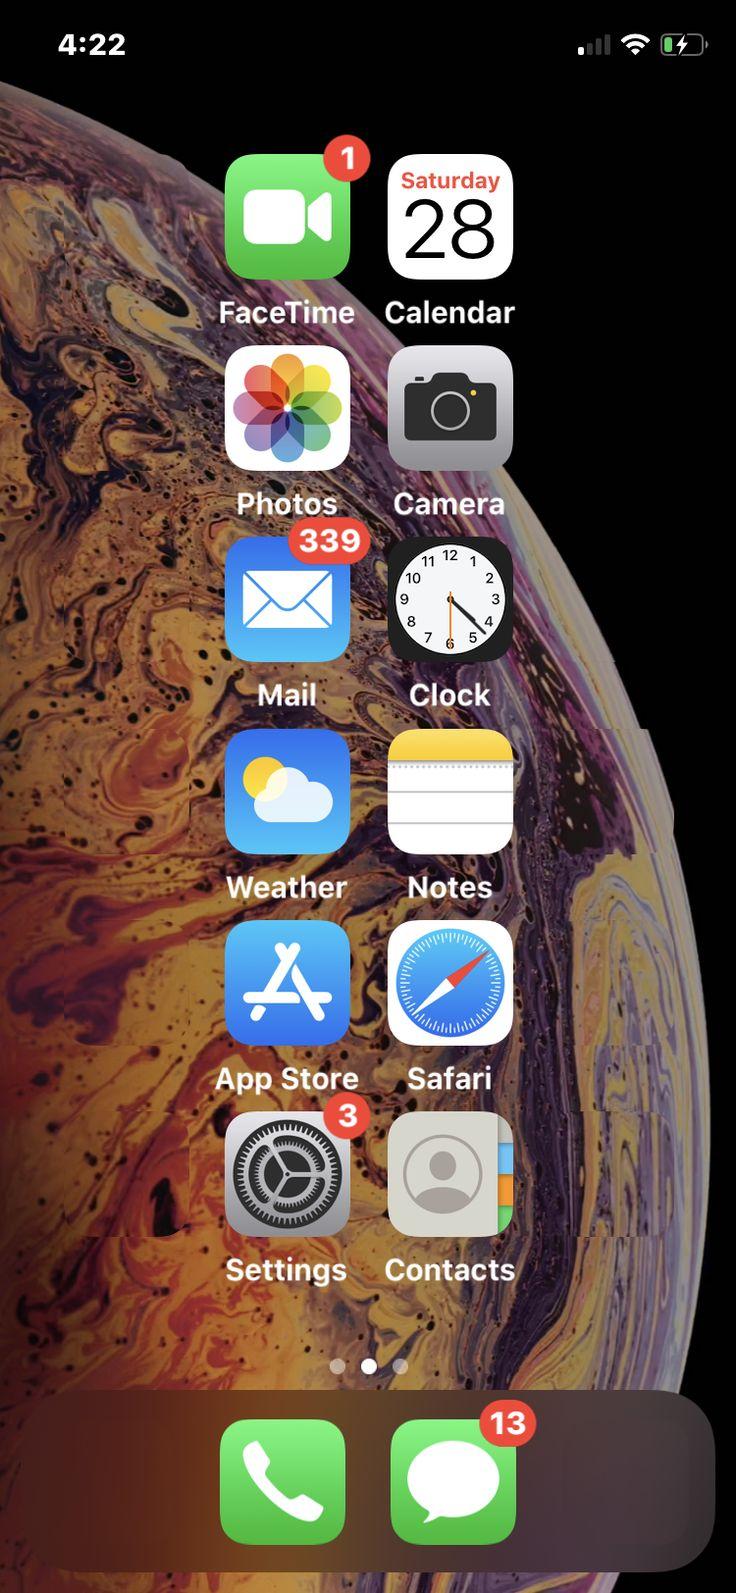 Pin by Sage Keller on Iphone hacks Iphone hacks, Iphone